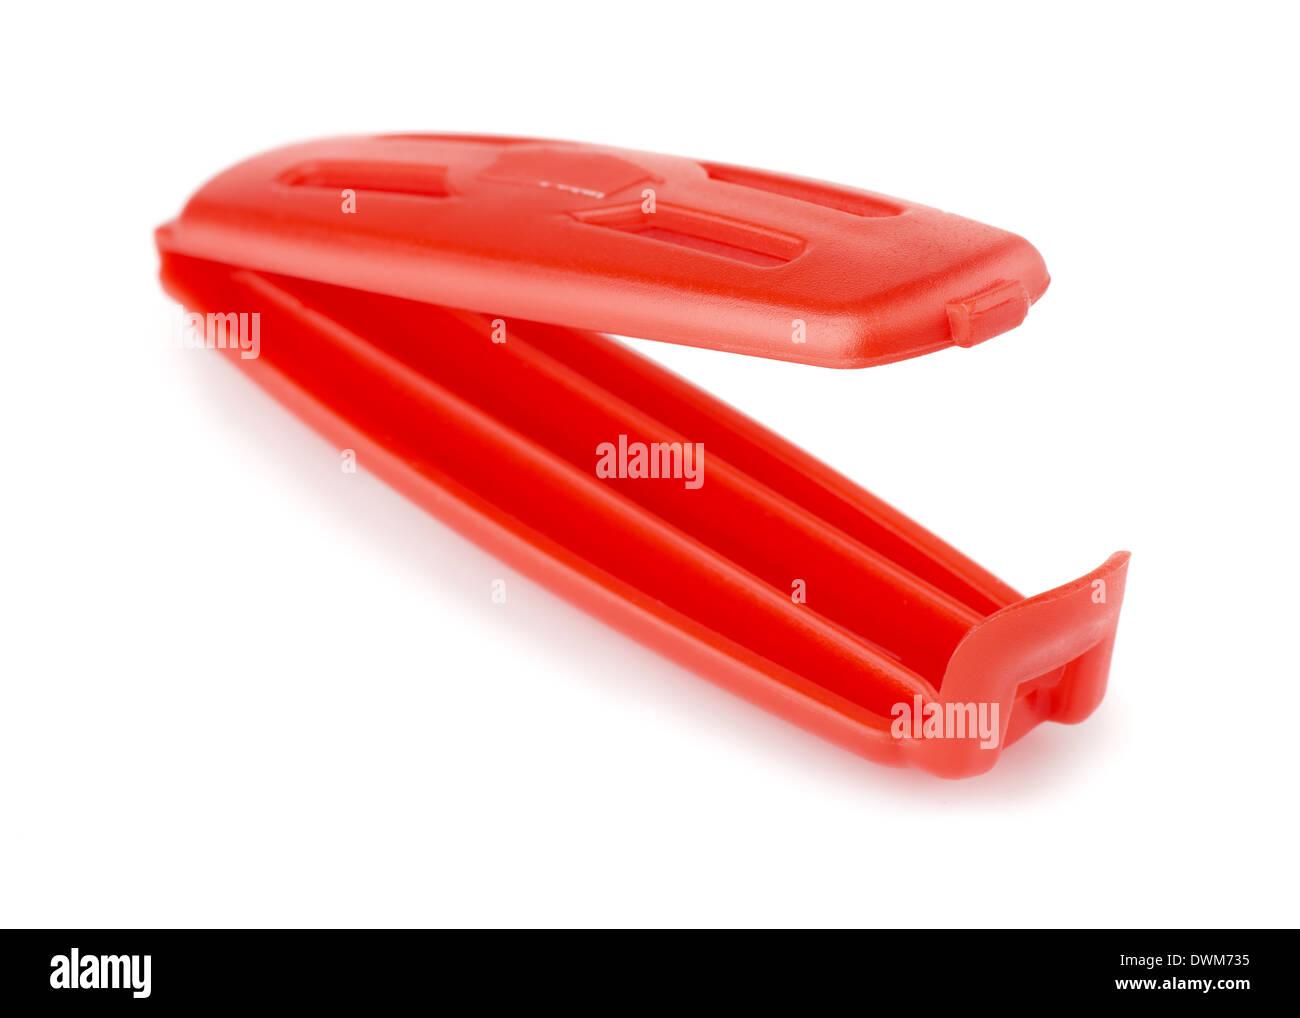 Rosso in plastica per alimenti clip di sacca isolata su bianco Immagini Stock